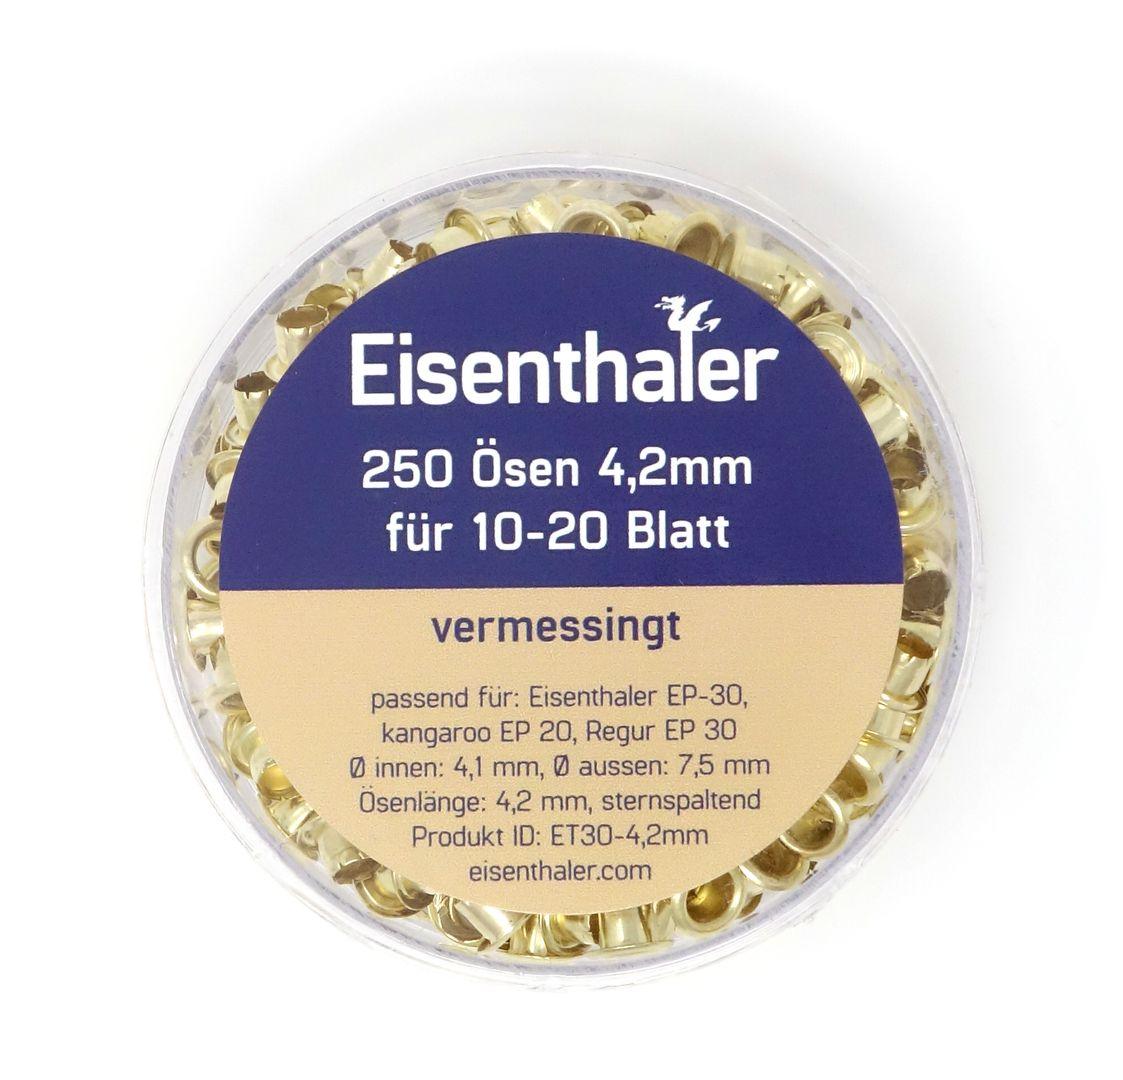 Eisenthaler 250 Ösen ET30-4,2mm, vermessingt, für 10-20 Blatt – Bild 3